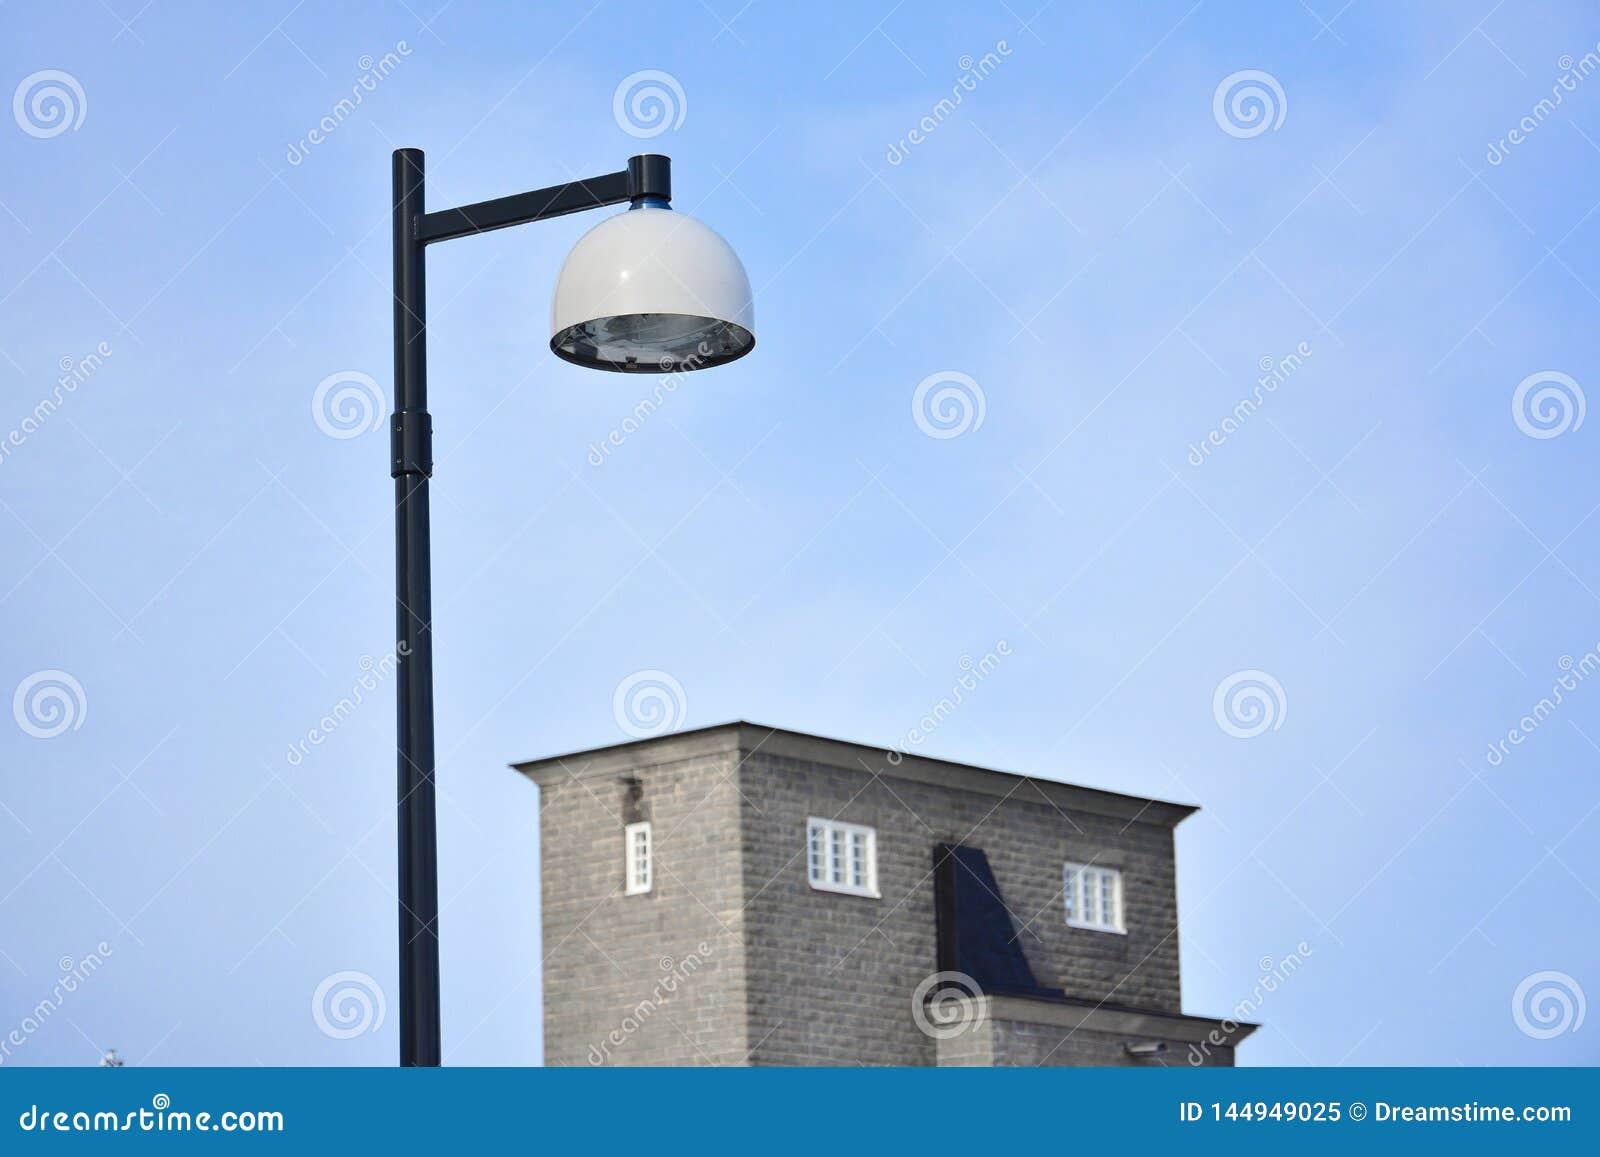 Γραπτός λαμπτήρας μετάλλων και ένα κτήριο στο κλίμα μπλε ουρανού